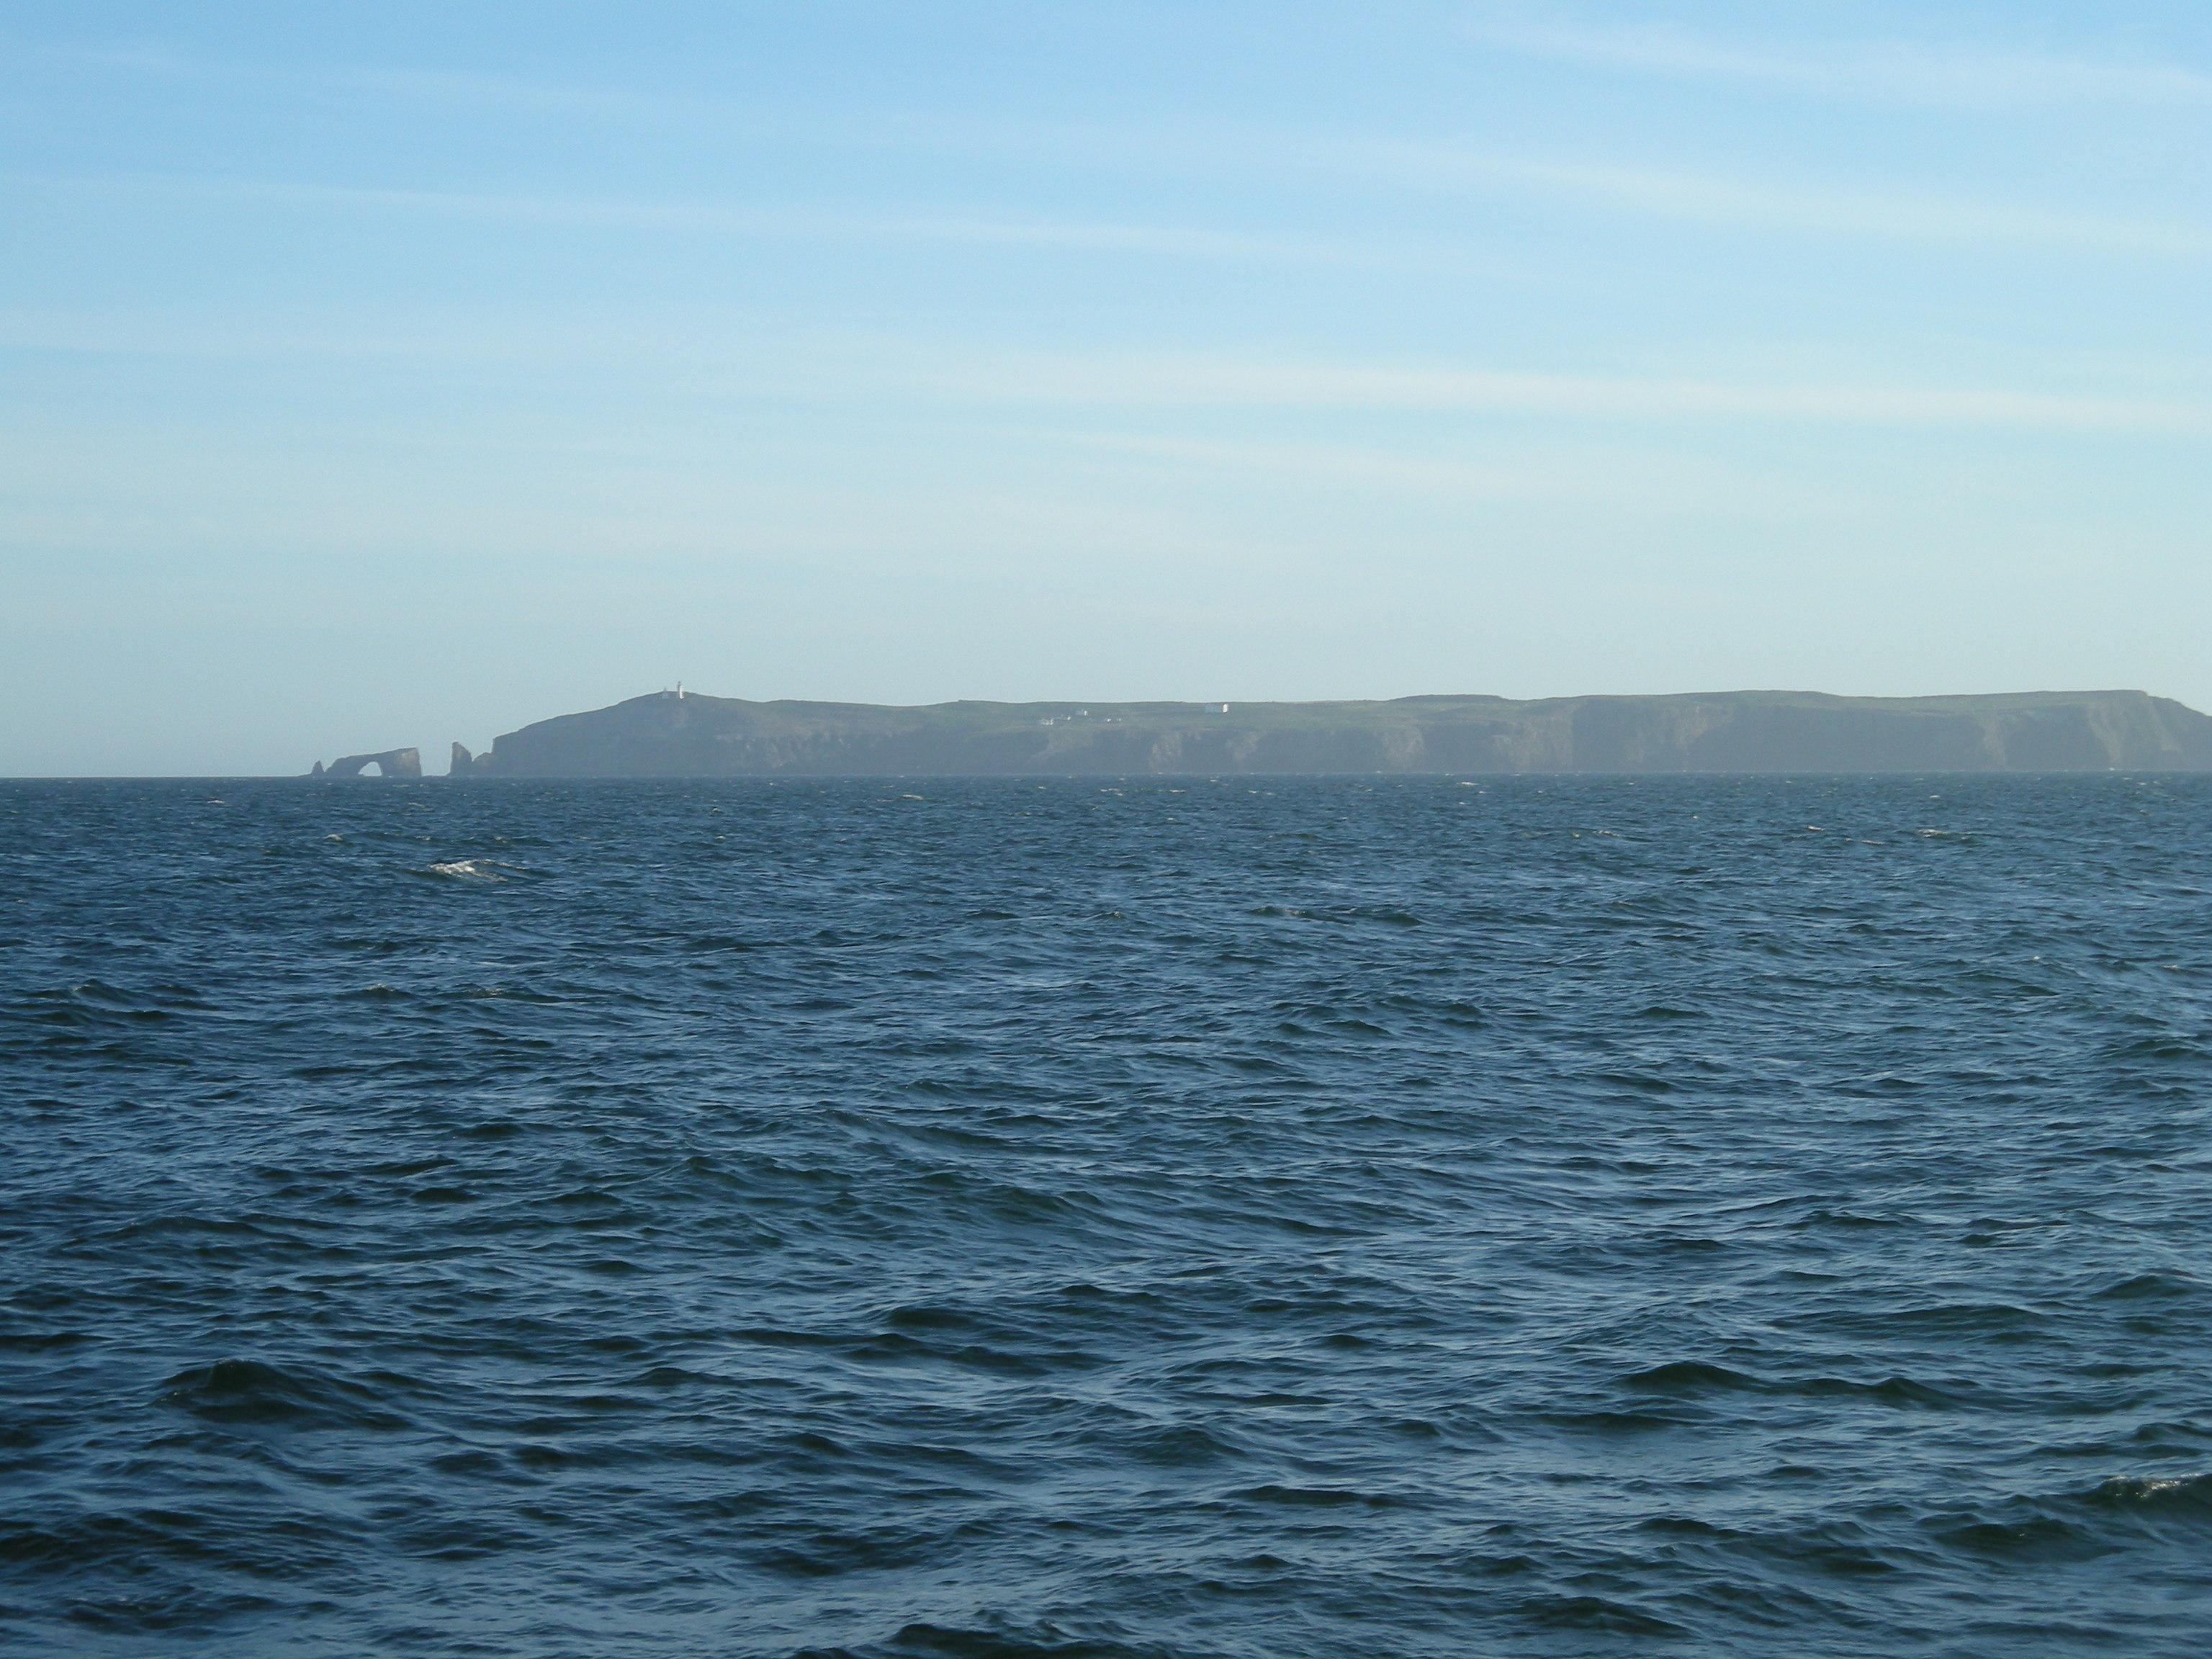 Trip Report: Pacific Islander (Saturday, March 5th ... - photo#42